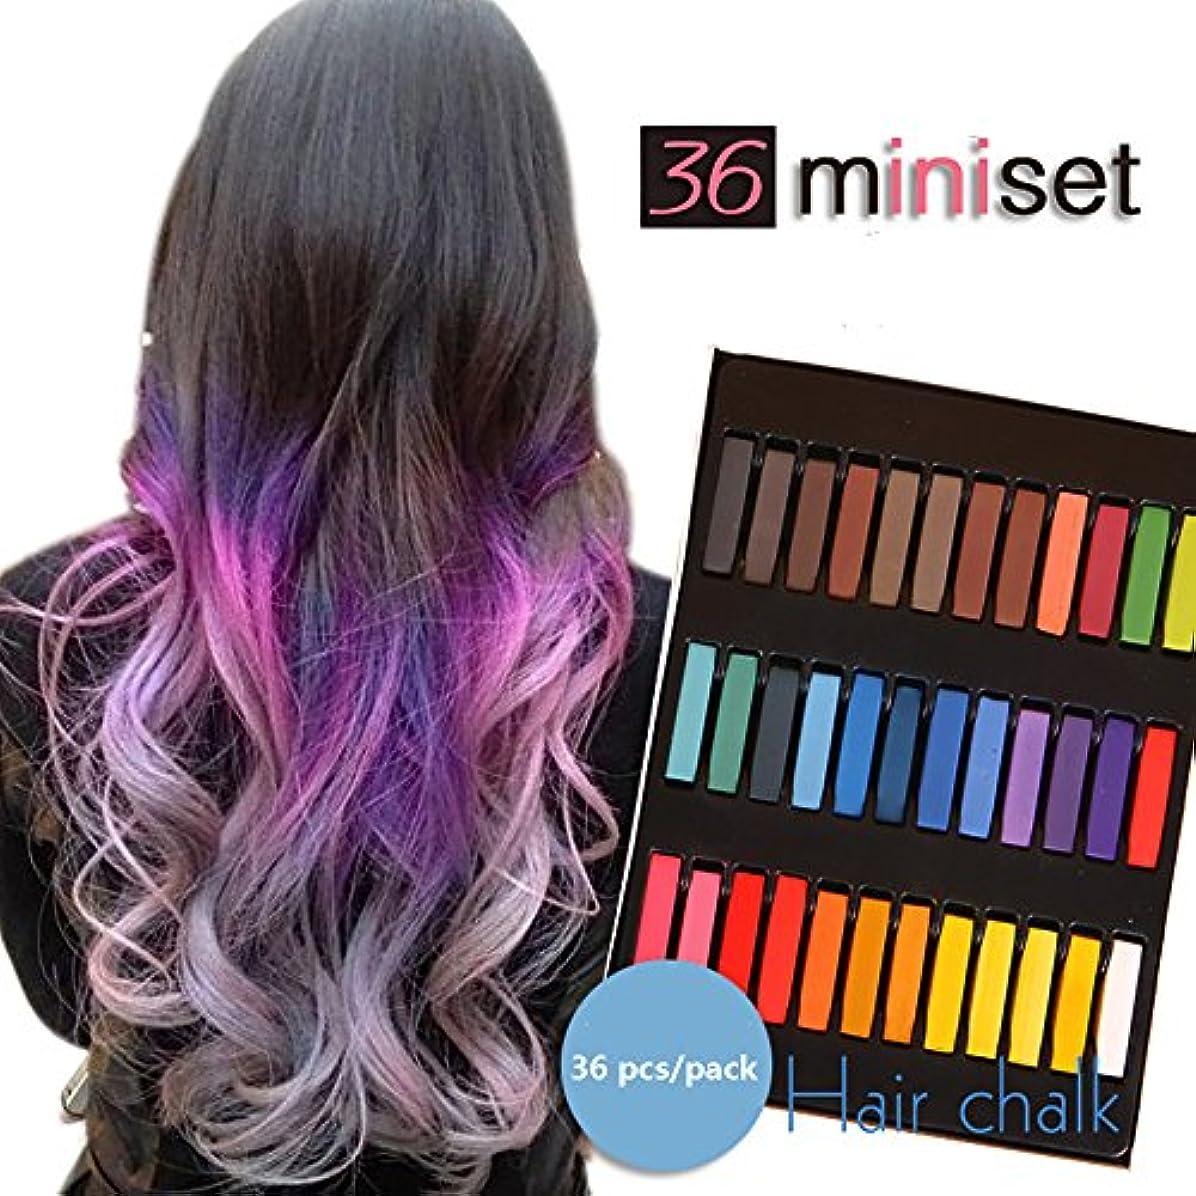 ハイランドどちらも一族大ブレイク中!HAIR CHALKIN 選べる 6色/12色/24色/36色 髪専用に開発された安心商品! ヘアチョーク ヘアカラーチョーク 一日だけのヘアカラーでイメチェンが楽しめる!美容室のヘアカラーでは表現しづらい...